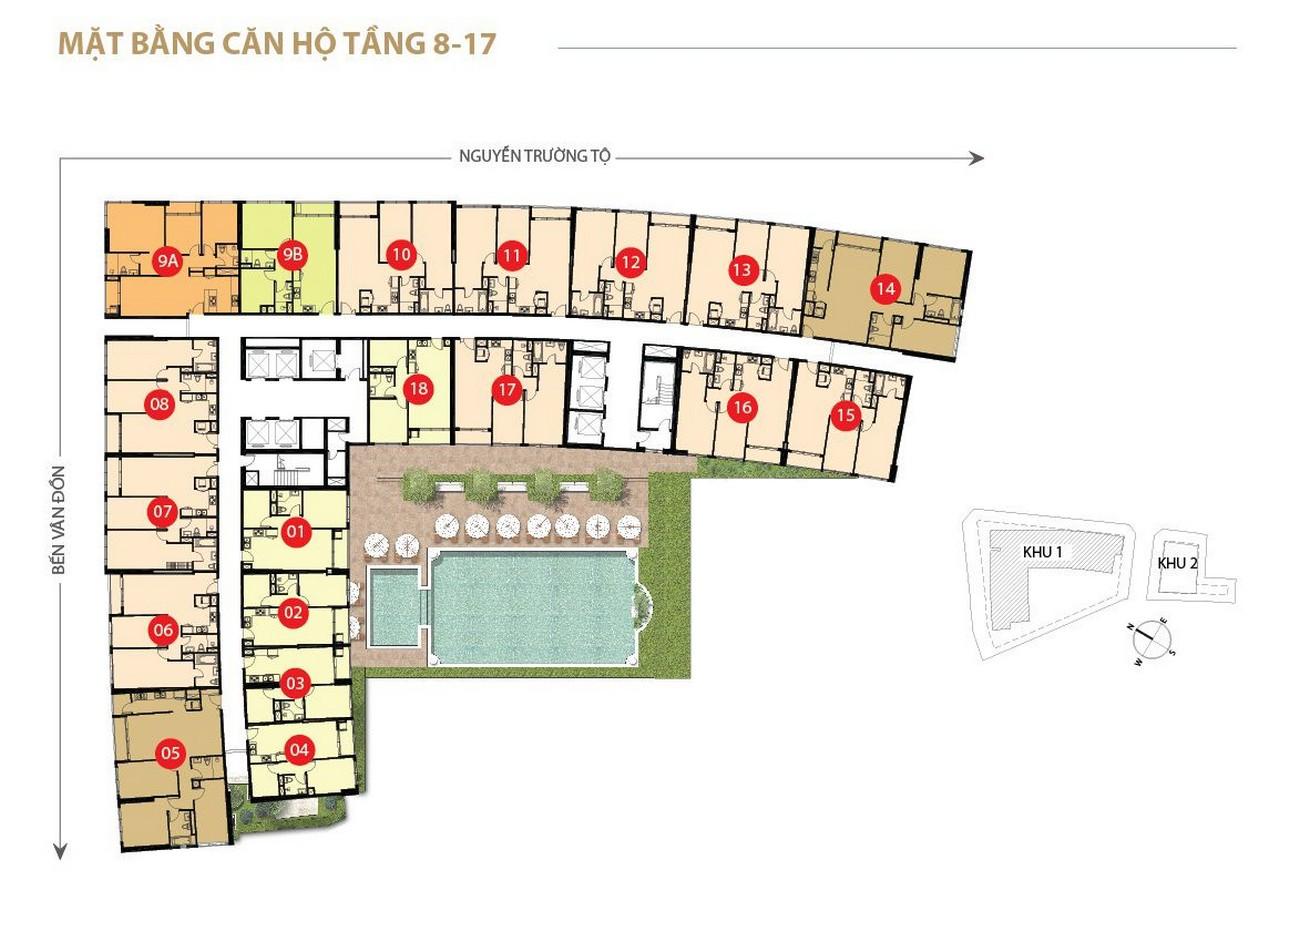 Mặt bằng dự án căn hộ chung cư Saigon Royal Quận 4 Đường Bến Vân Đồn chủ đầu tư Novaland